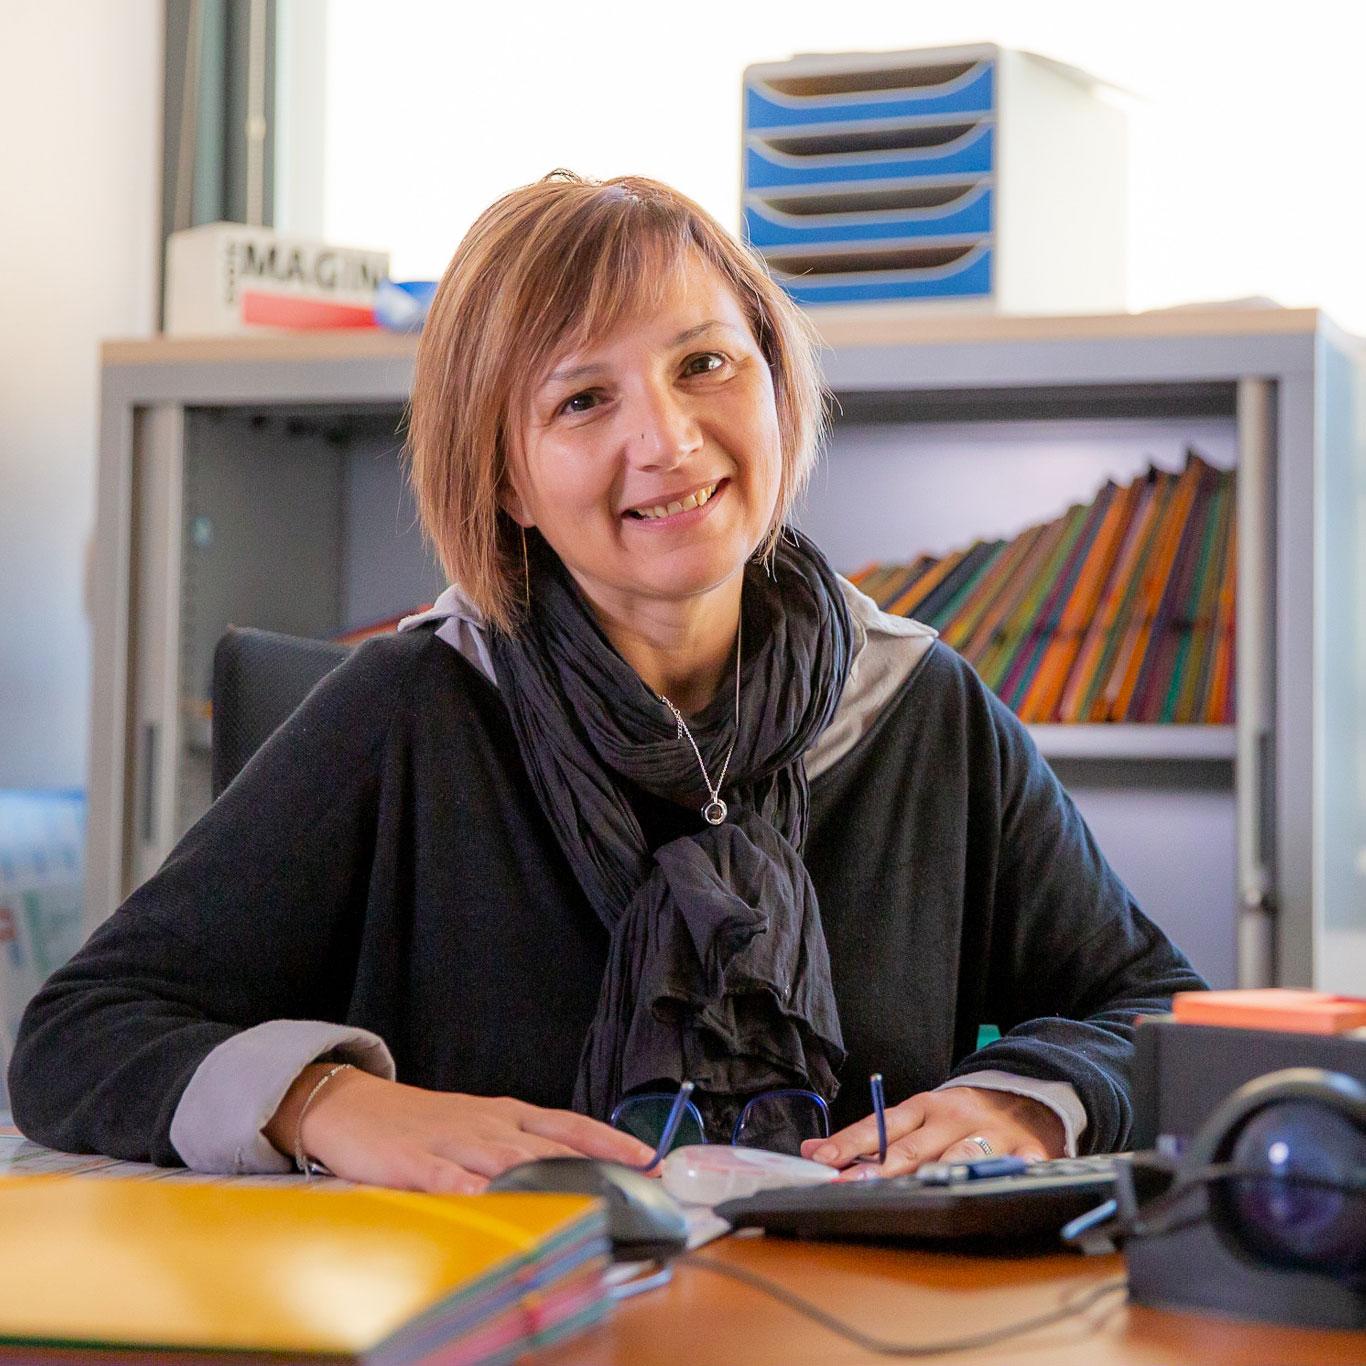 Delphine Berteaux